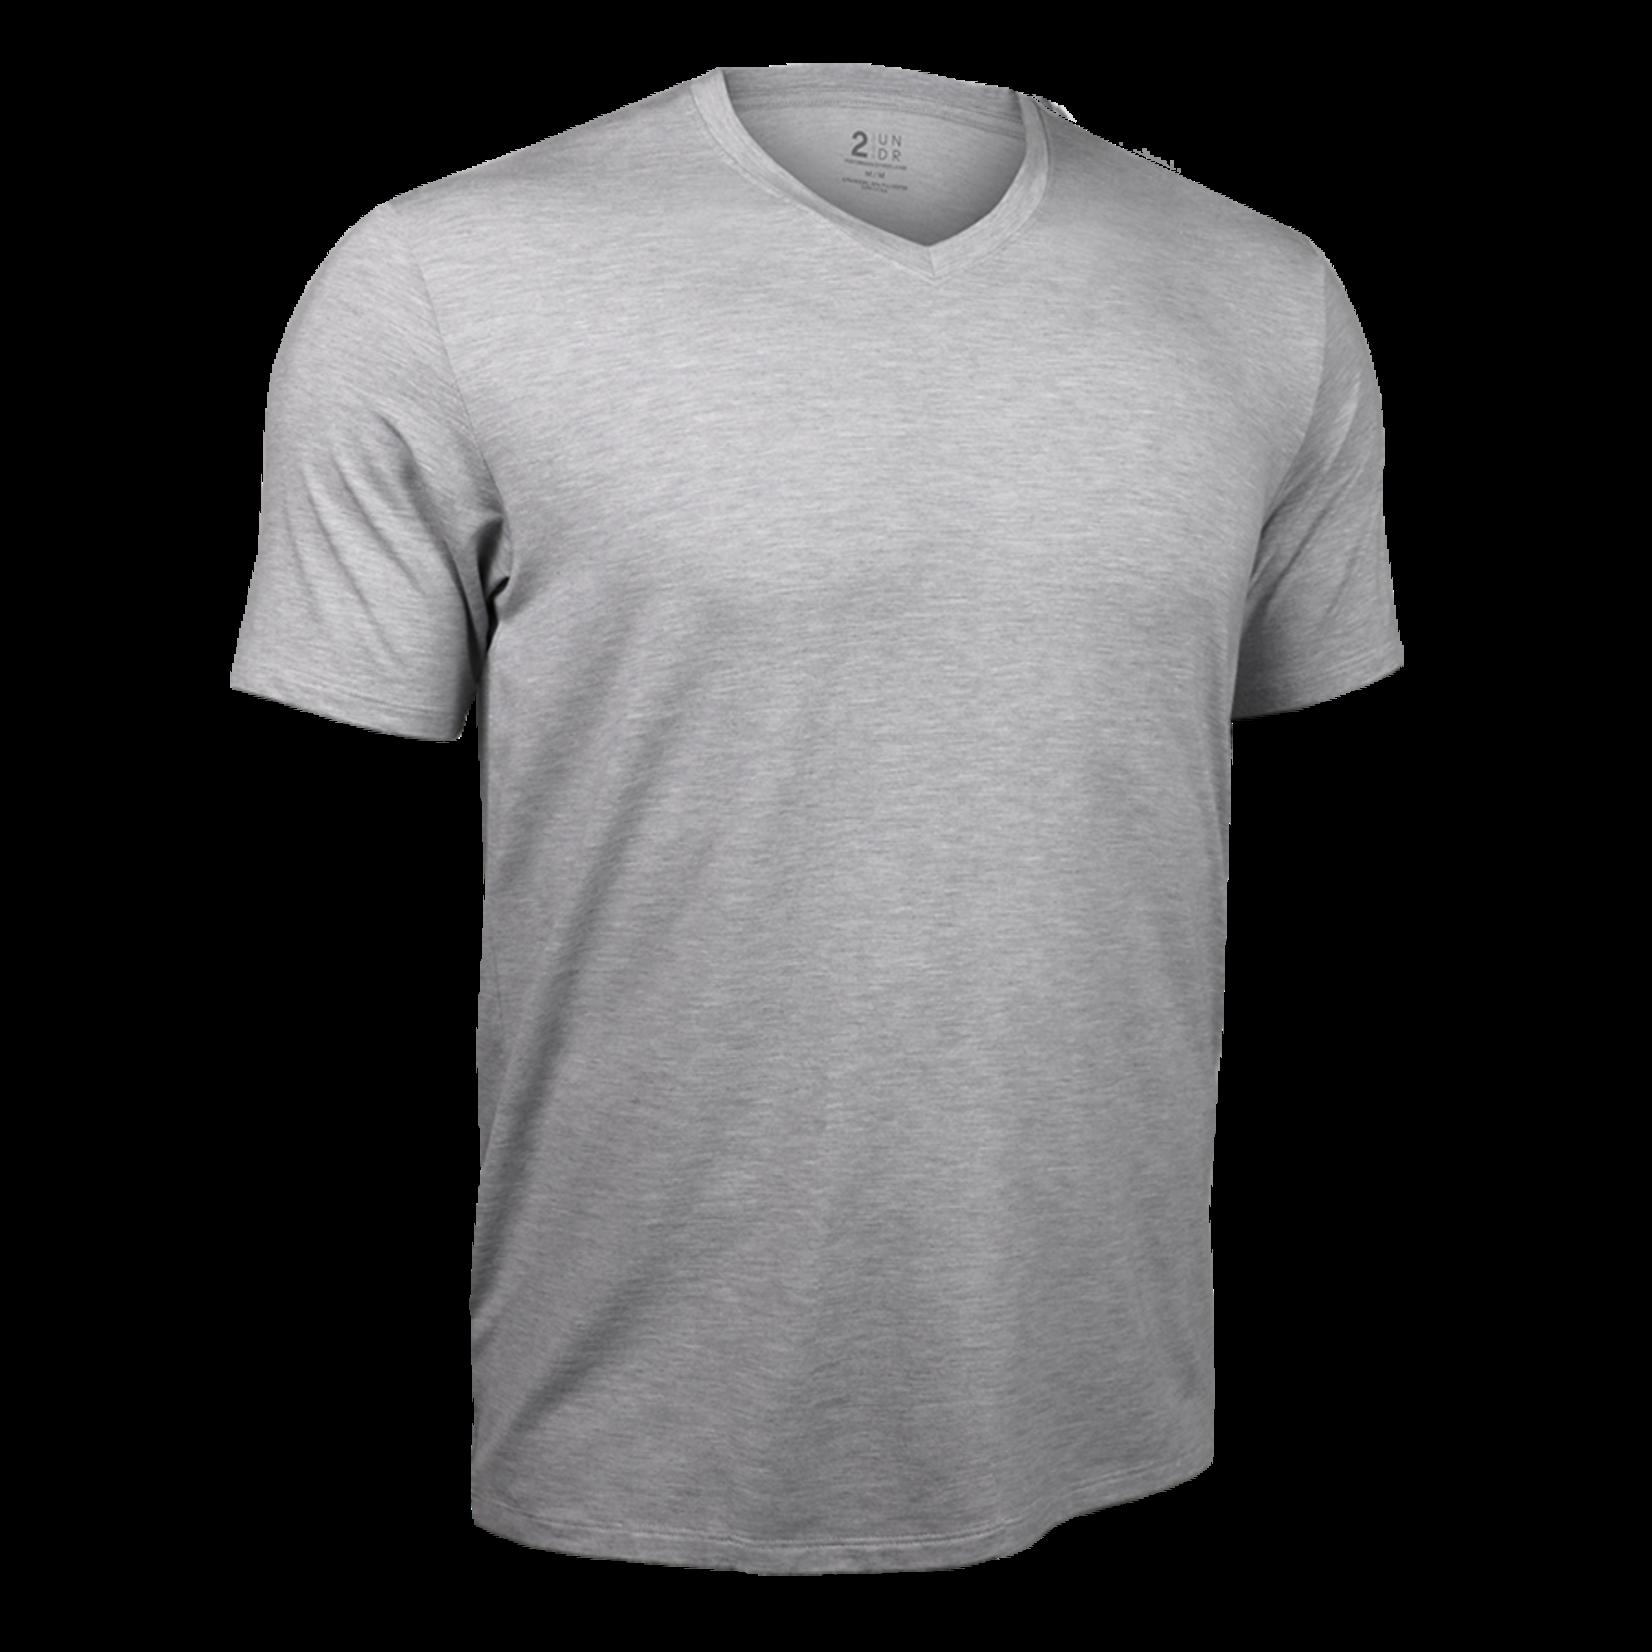 2UNDR 2UNDR V-neck T Shirt